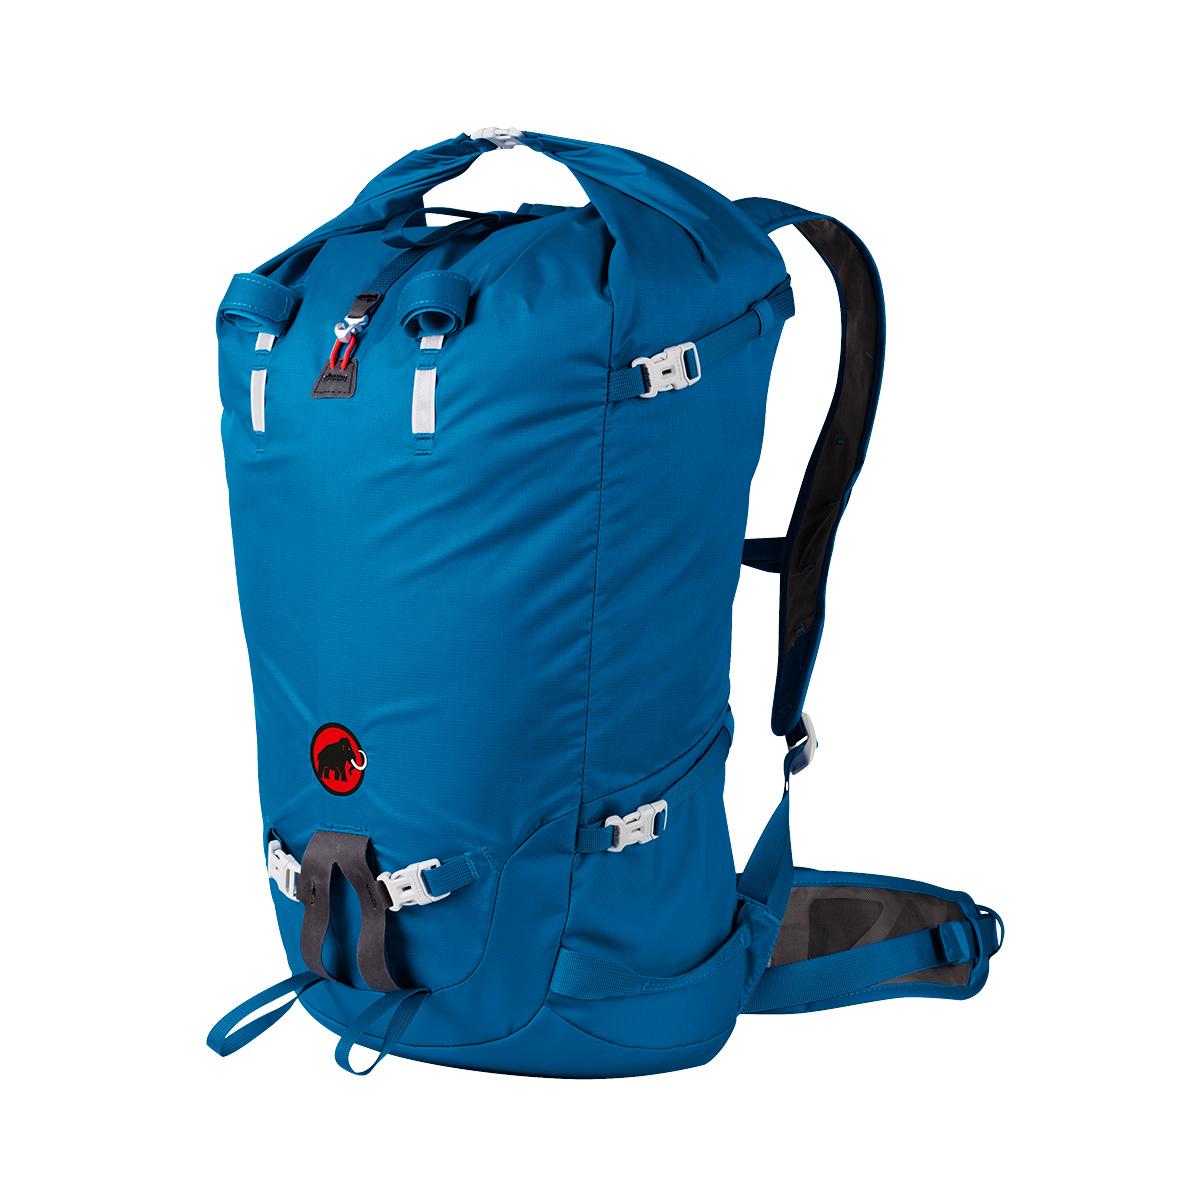 üppiges Design neue Version an vorderster Front der Zeit Ultralight rucksack Mammut Trion Light 28+ for via ferrata ...